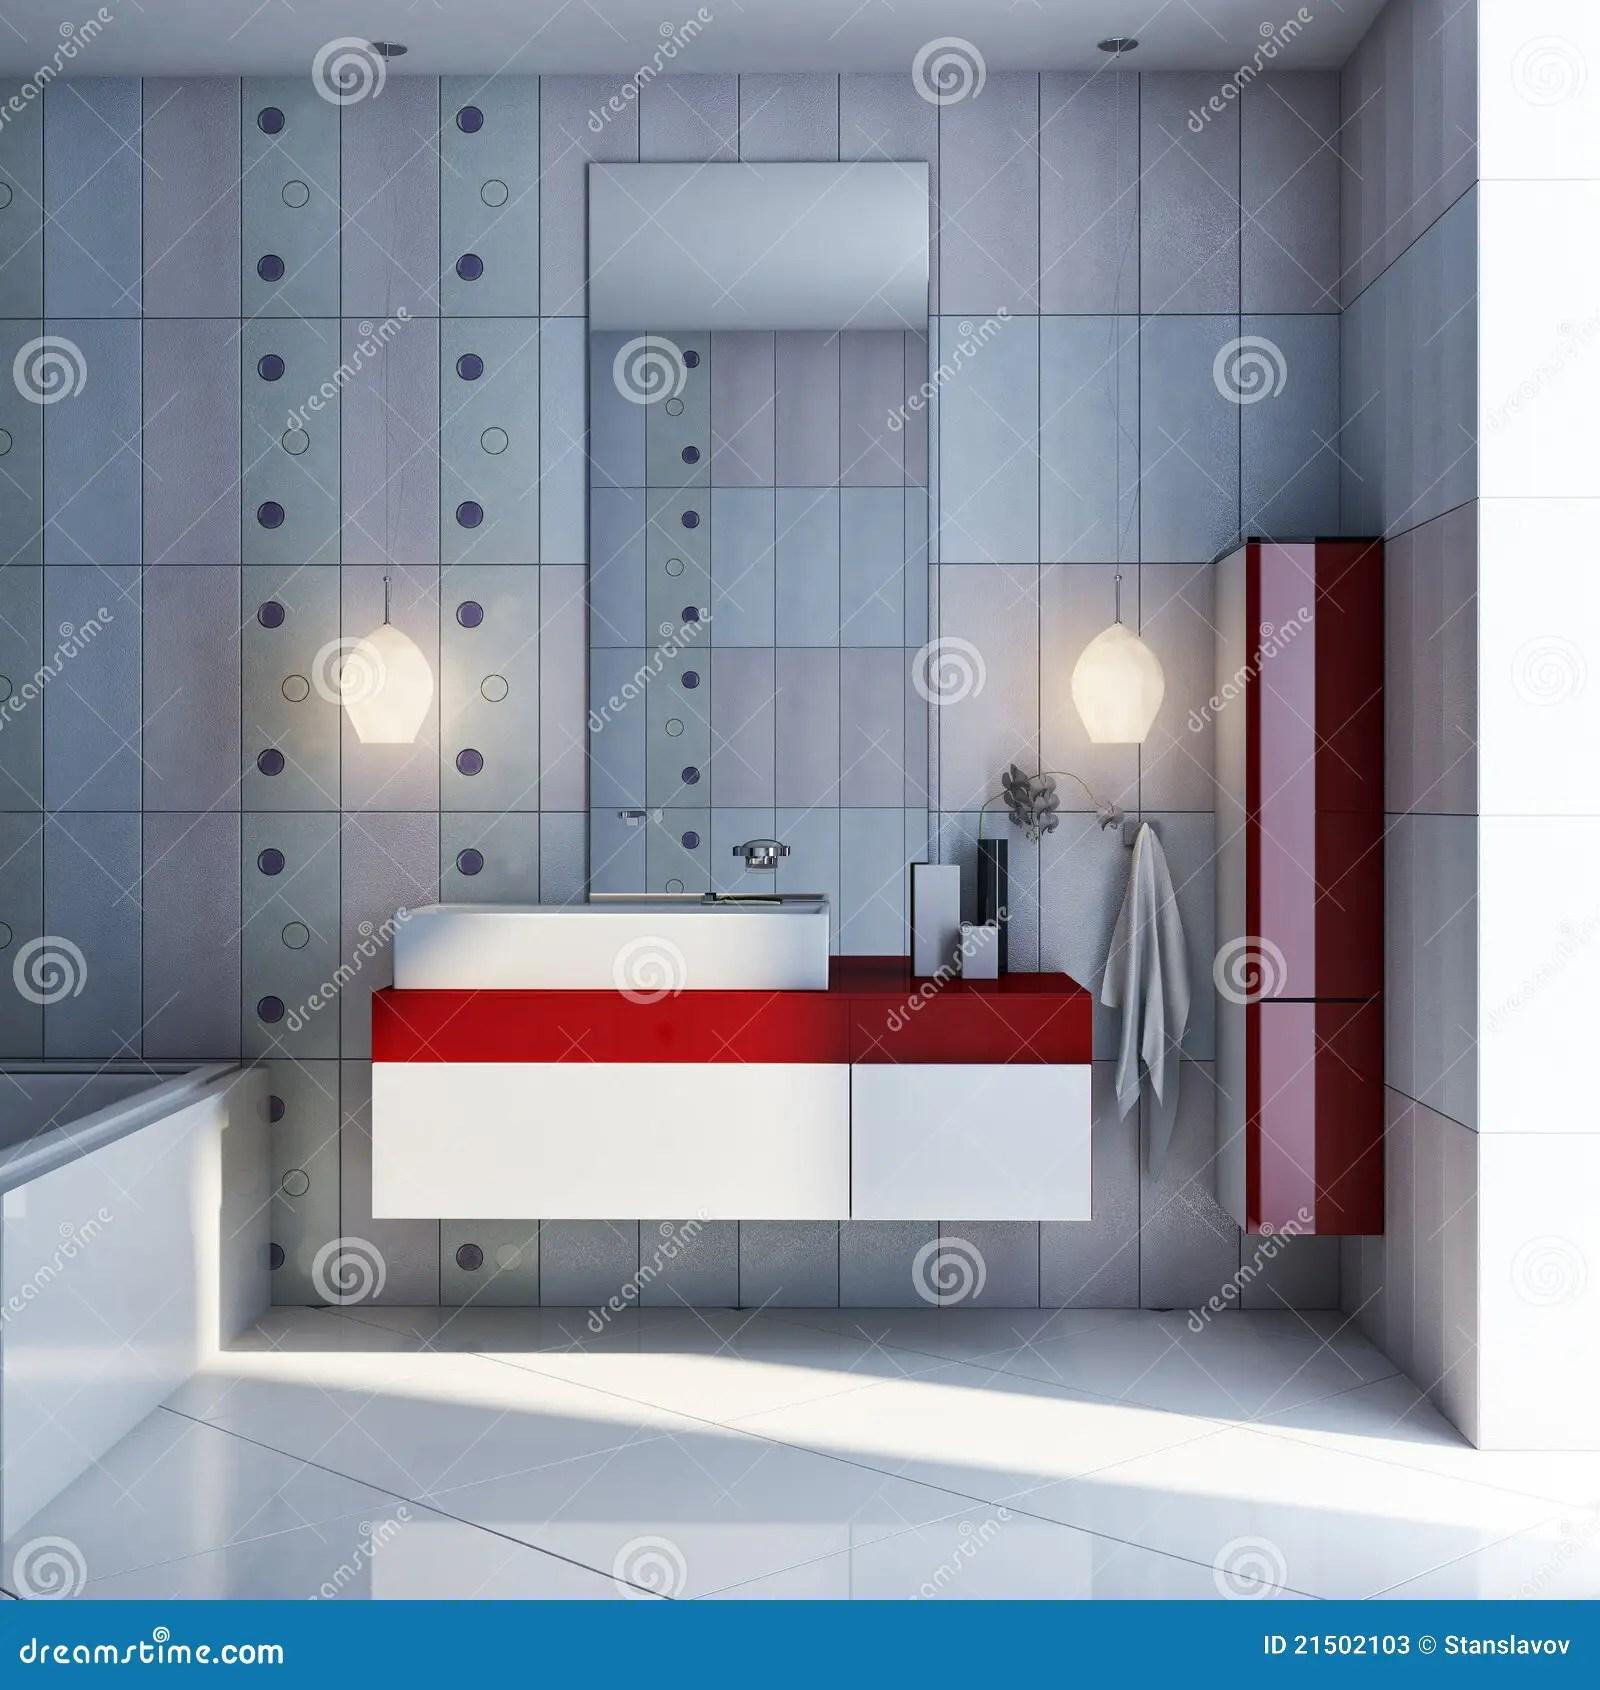 United Kitchen And Bath